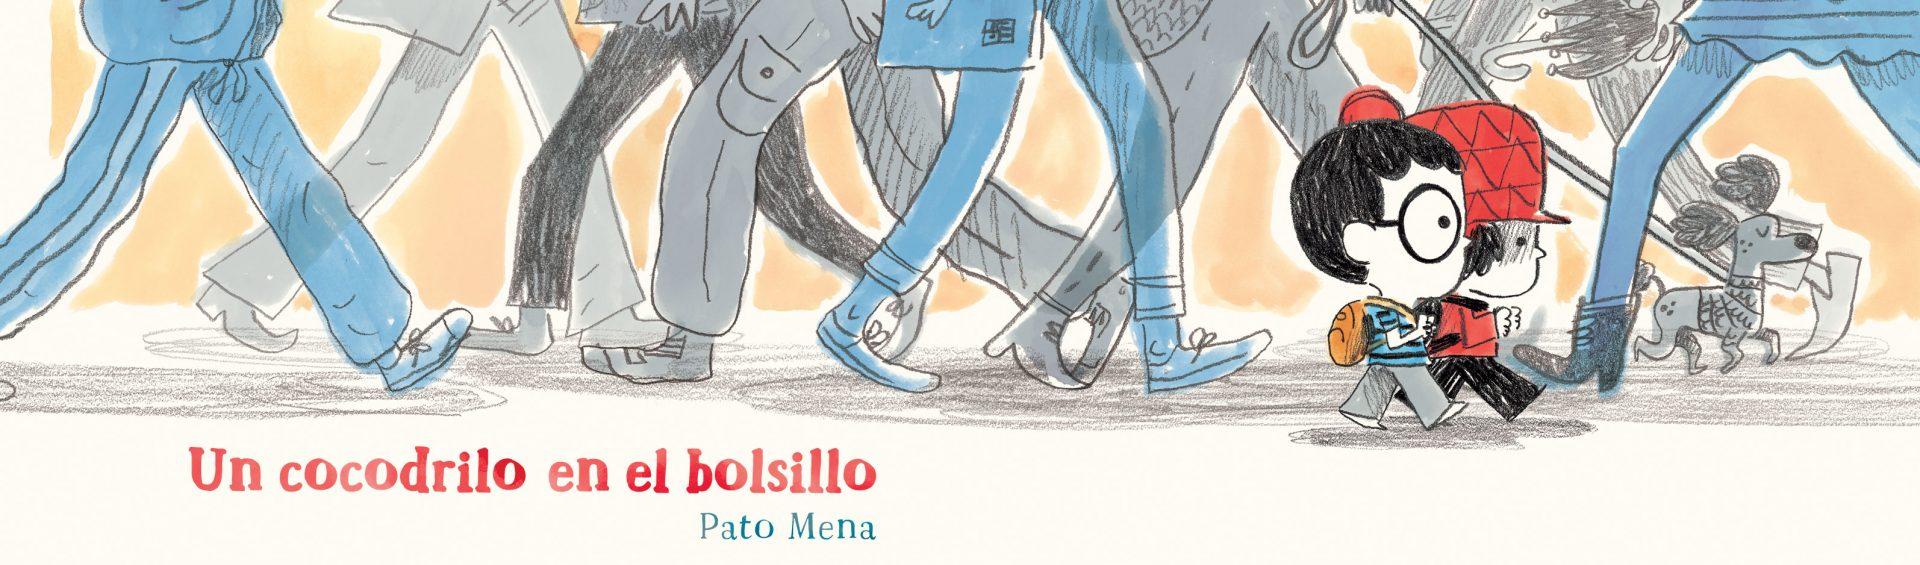 UN-COCODRILO-EN-EL-BOLSILLO